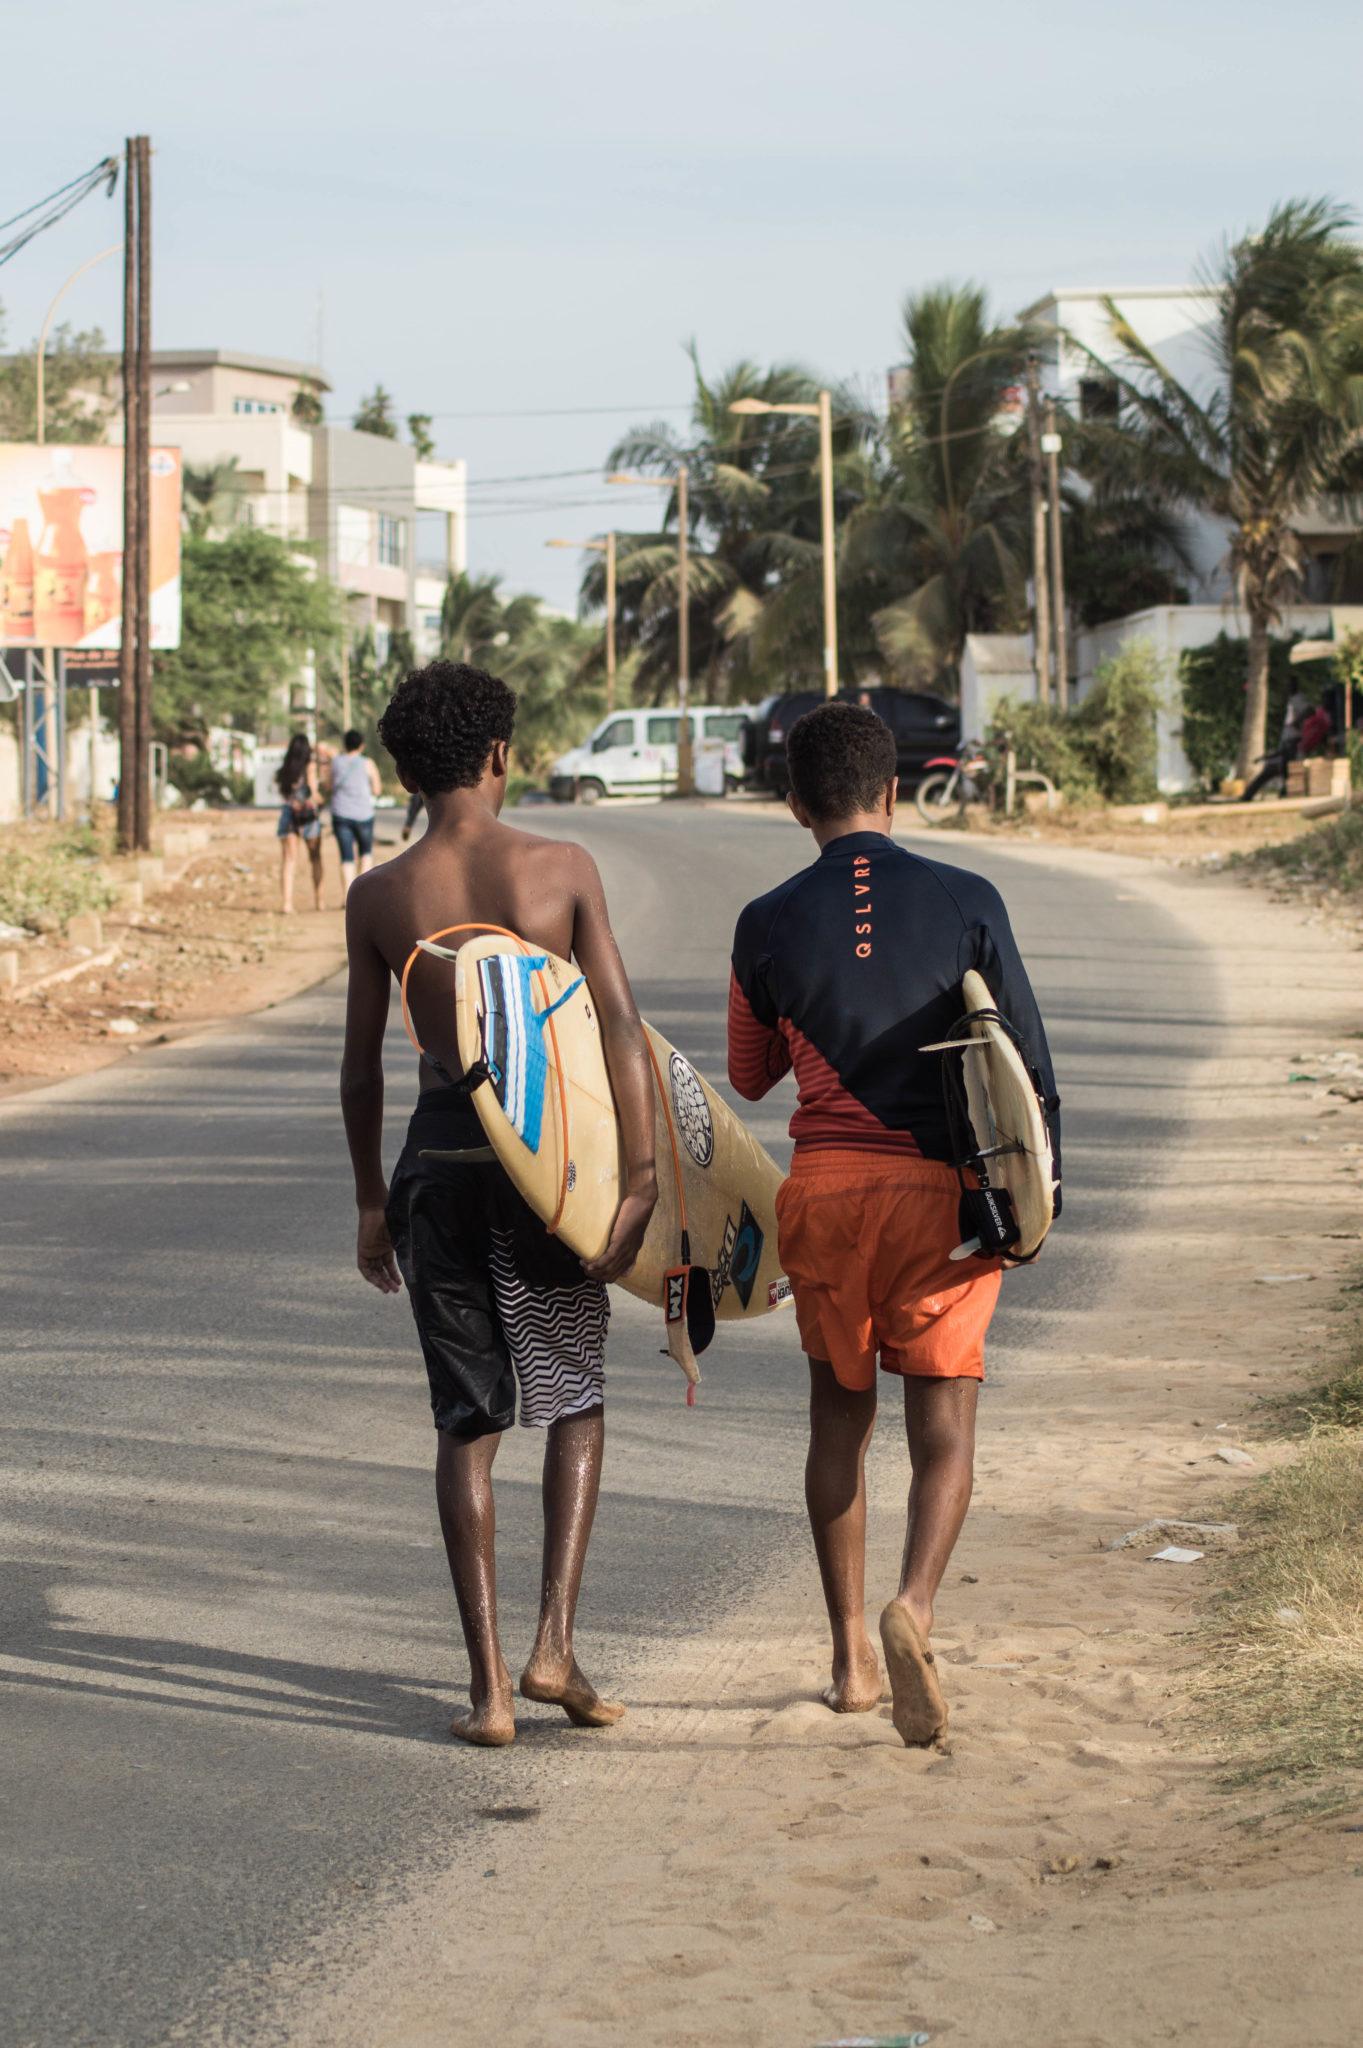 Surf Senegal: In den Straßen von Les Almadies sieht man oft junge Surfer, die mit ihren Surfbrettern nach Hause spazieren.